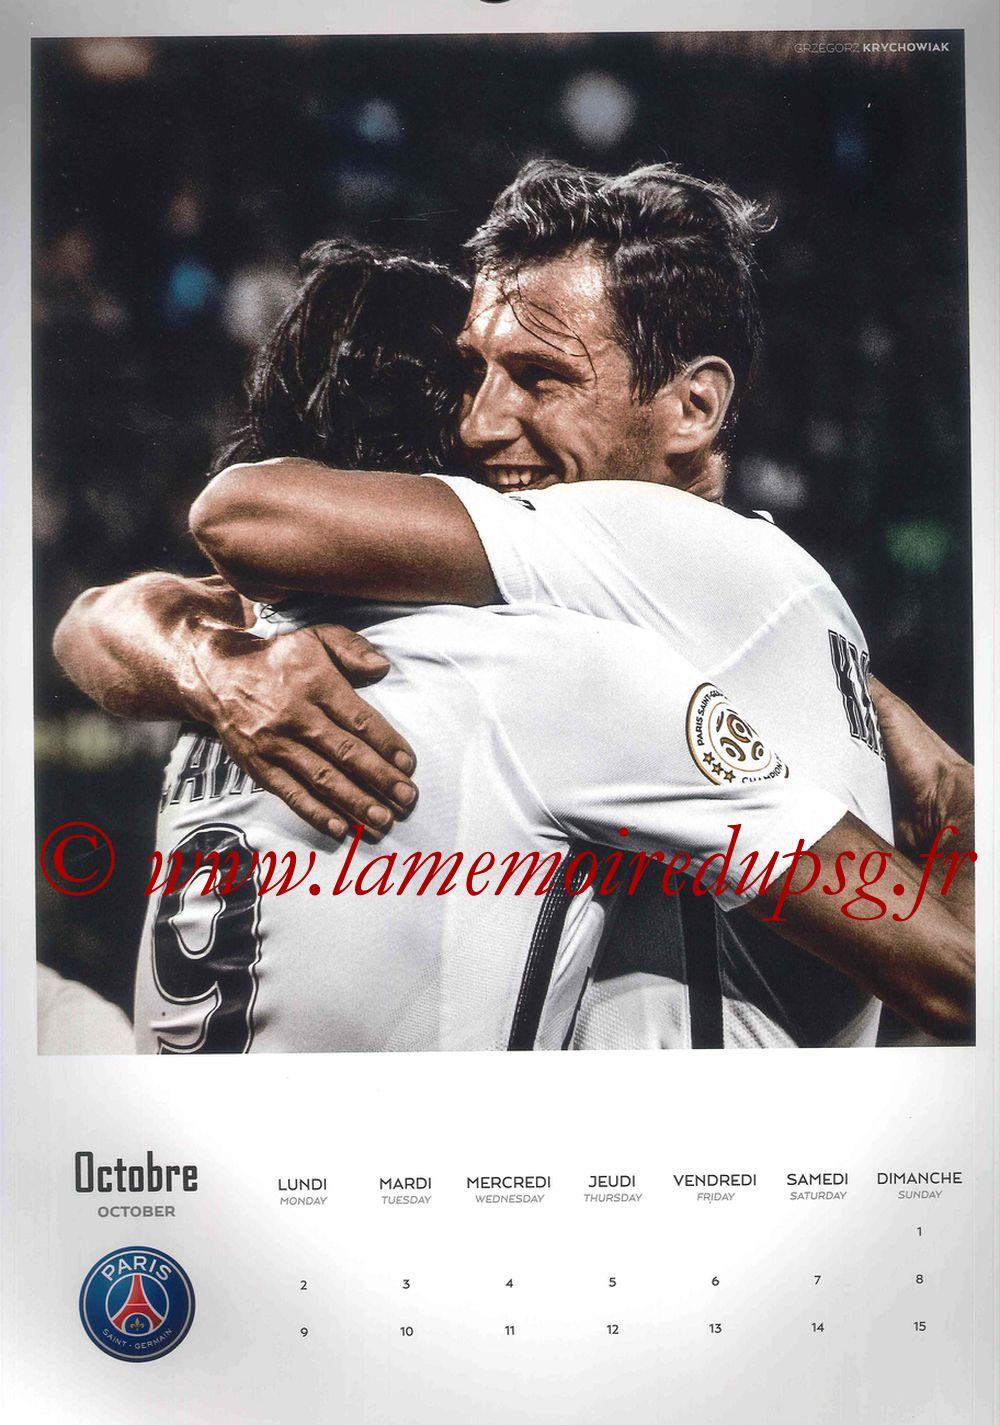 Calendrier PSG 2017 - Page 19 - Grzegorz KRYCHOWIAK